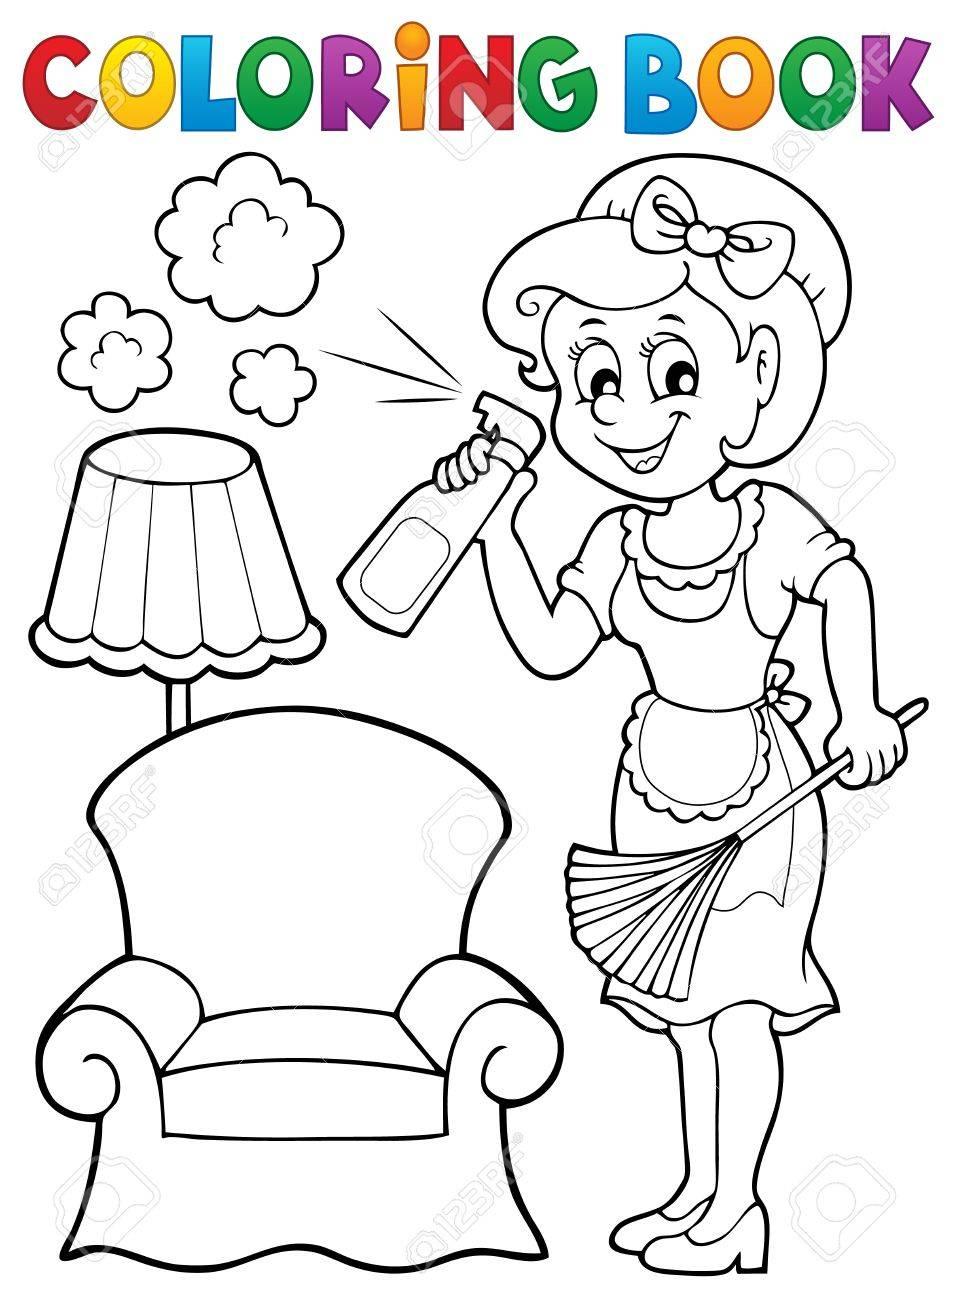 Libro Para Colorear Con Ama De Casa 2 Eps10 Ilustracion Vectorial